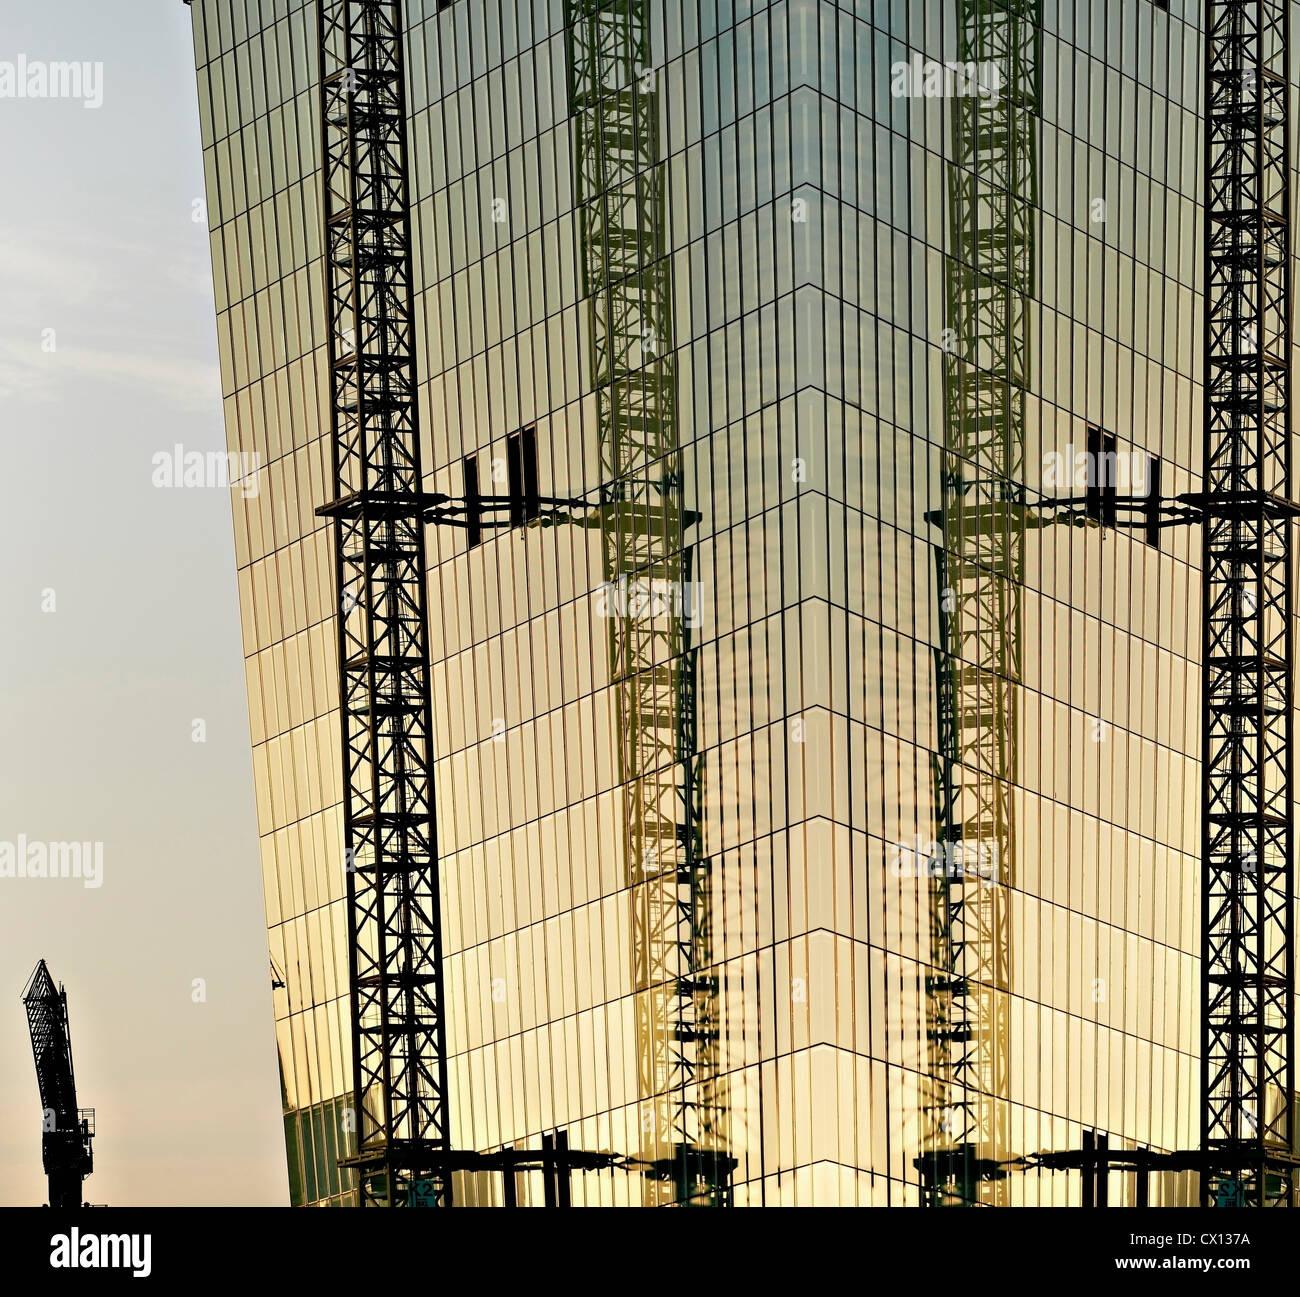 La costruzione della nuova unione monetaria Banca al tramonto, Francoforte Hesse, Germania Immagini Stock